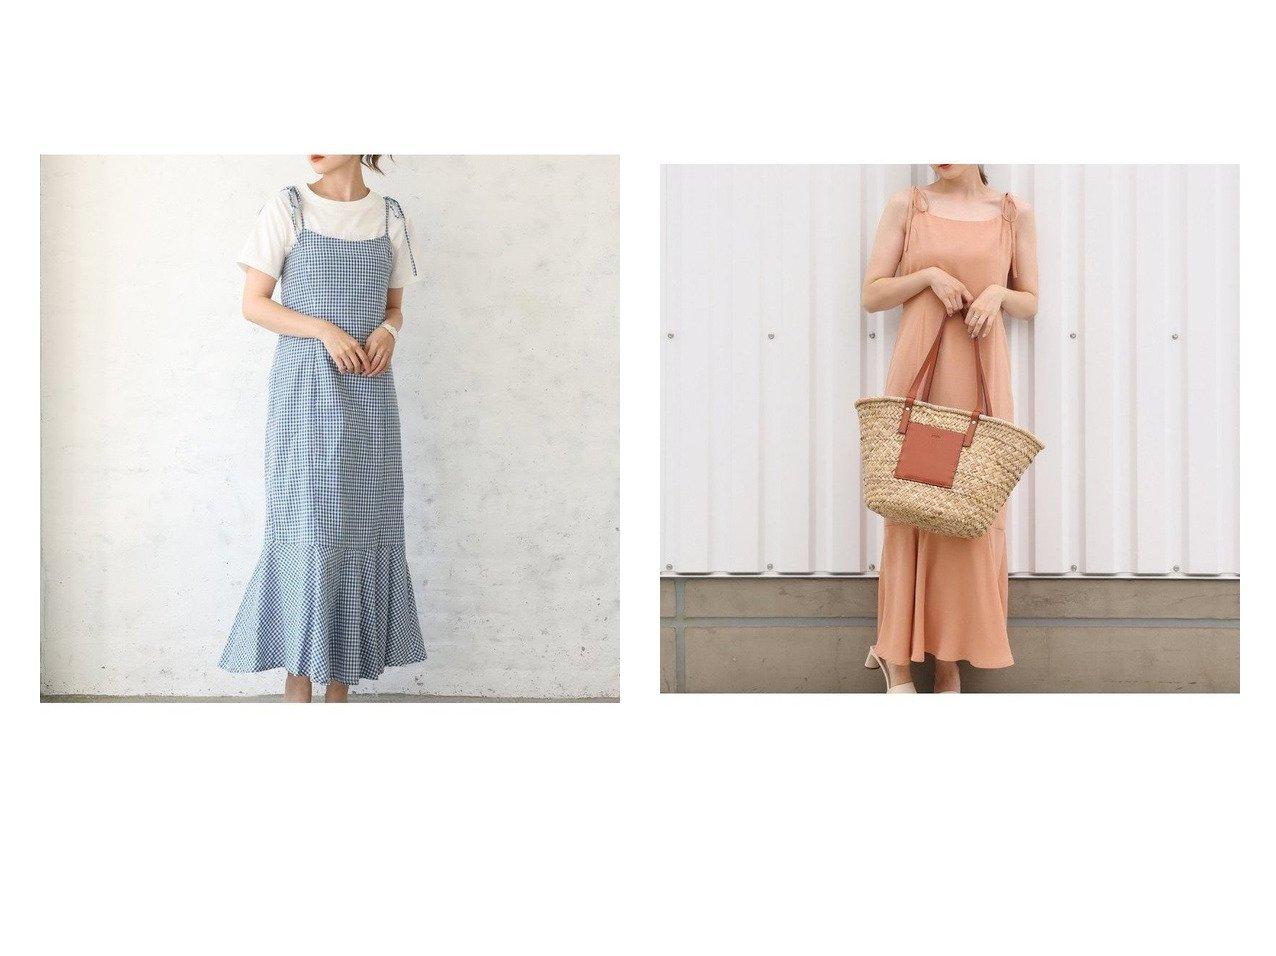 【NICE CLAUP/ナイスクラップ】の【web限定】リボンキャミワンピース おすすめ!人気、トレンド・レディースファッションの通販  おすすめで人気の流行・トレンド、ファッションの通販商品 インテリア・家具・メンズファッション・キッズファッション・レディースファッション・服の通販 founy(ファニー) https://founy.com/ ファッション Fashion レディースファッション WOMEN ワンピース Dress キャミワンピース No Sleeve Dresses おすすめ Recommend キャミワンピース ジャケット リボン 夏 Summer |ID:crp329100000062250